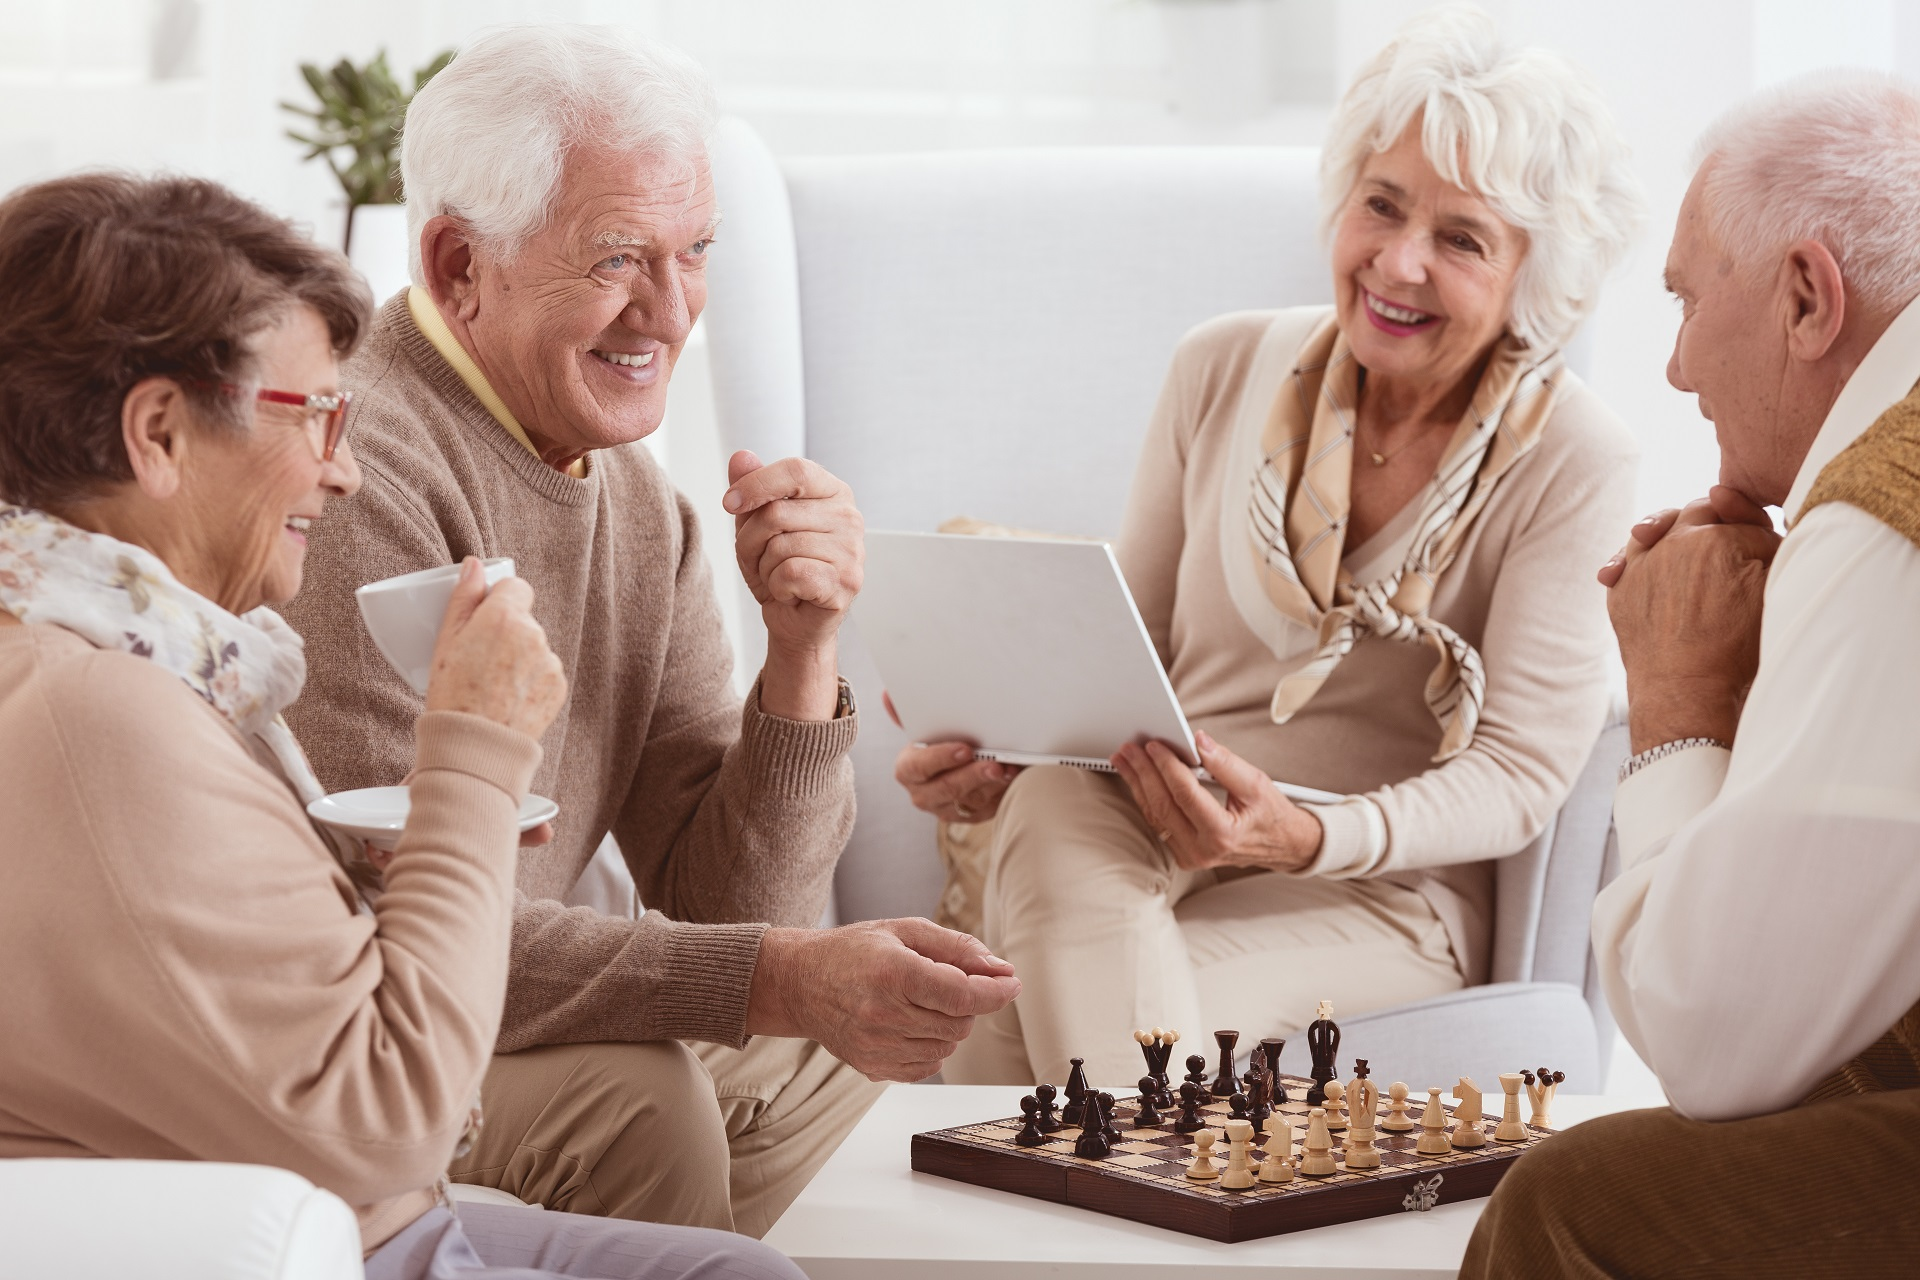 小額終老保險究竟在紅什麼?「不只銀髮族,年輕人也適合買!」